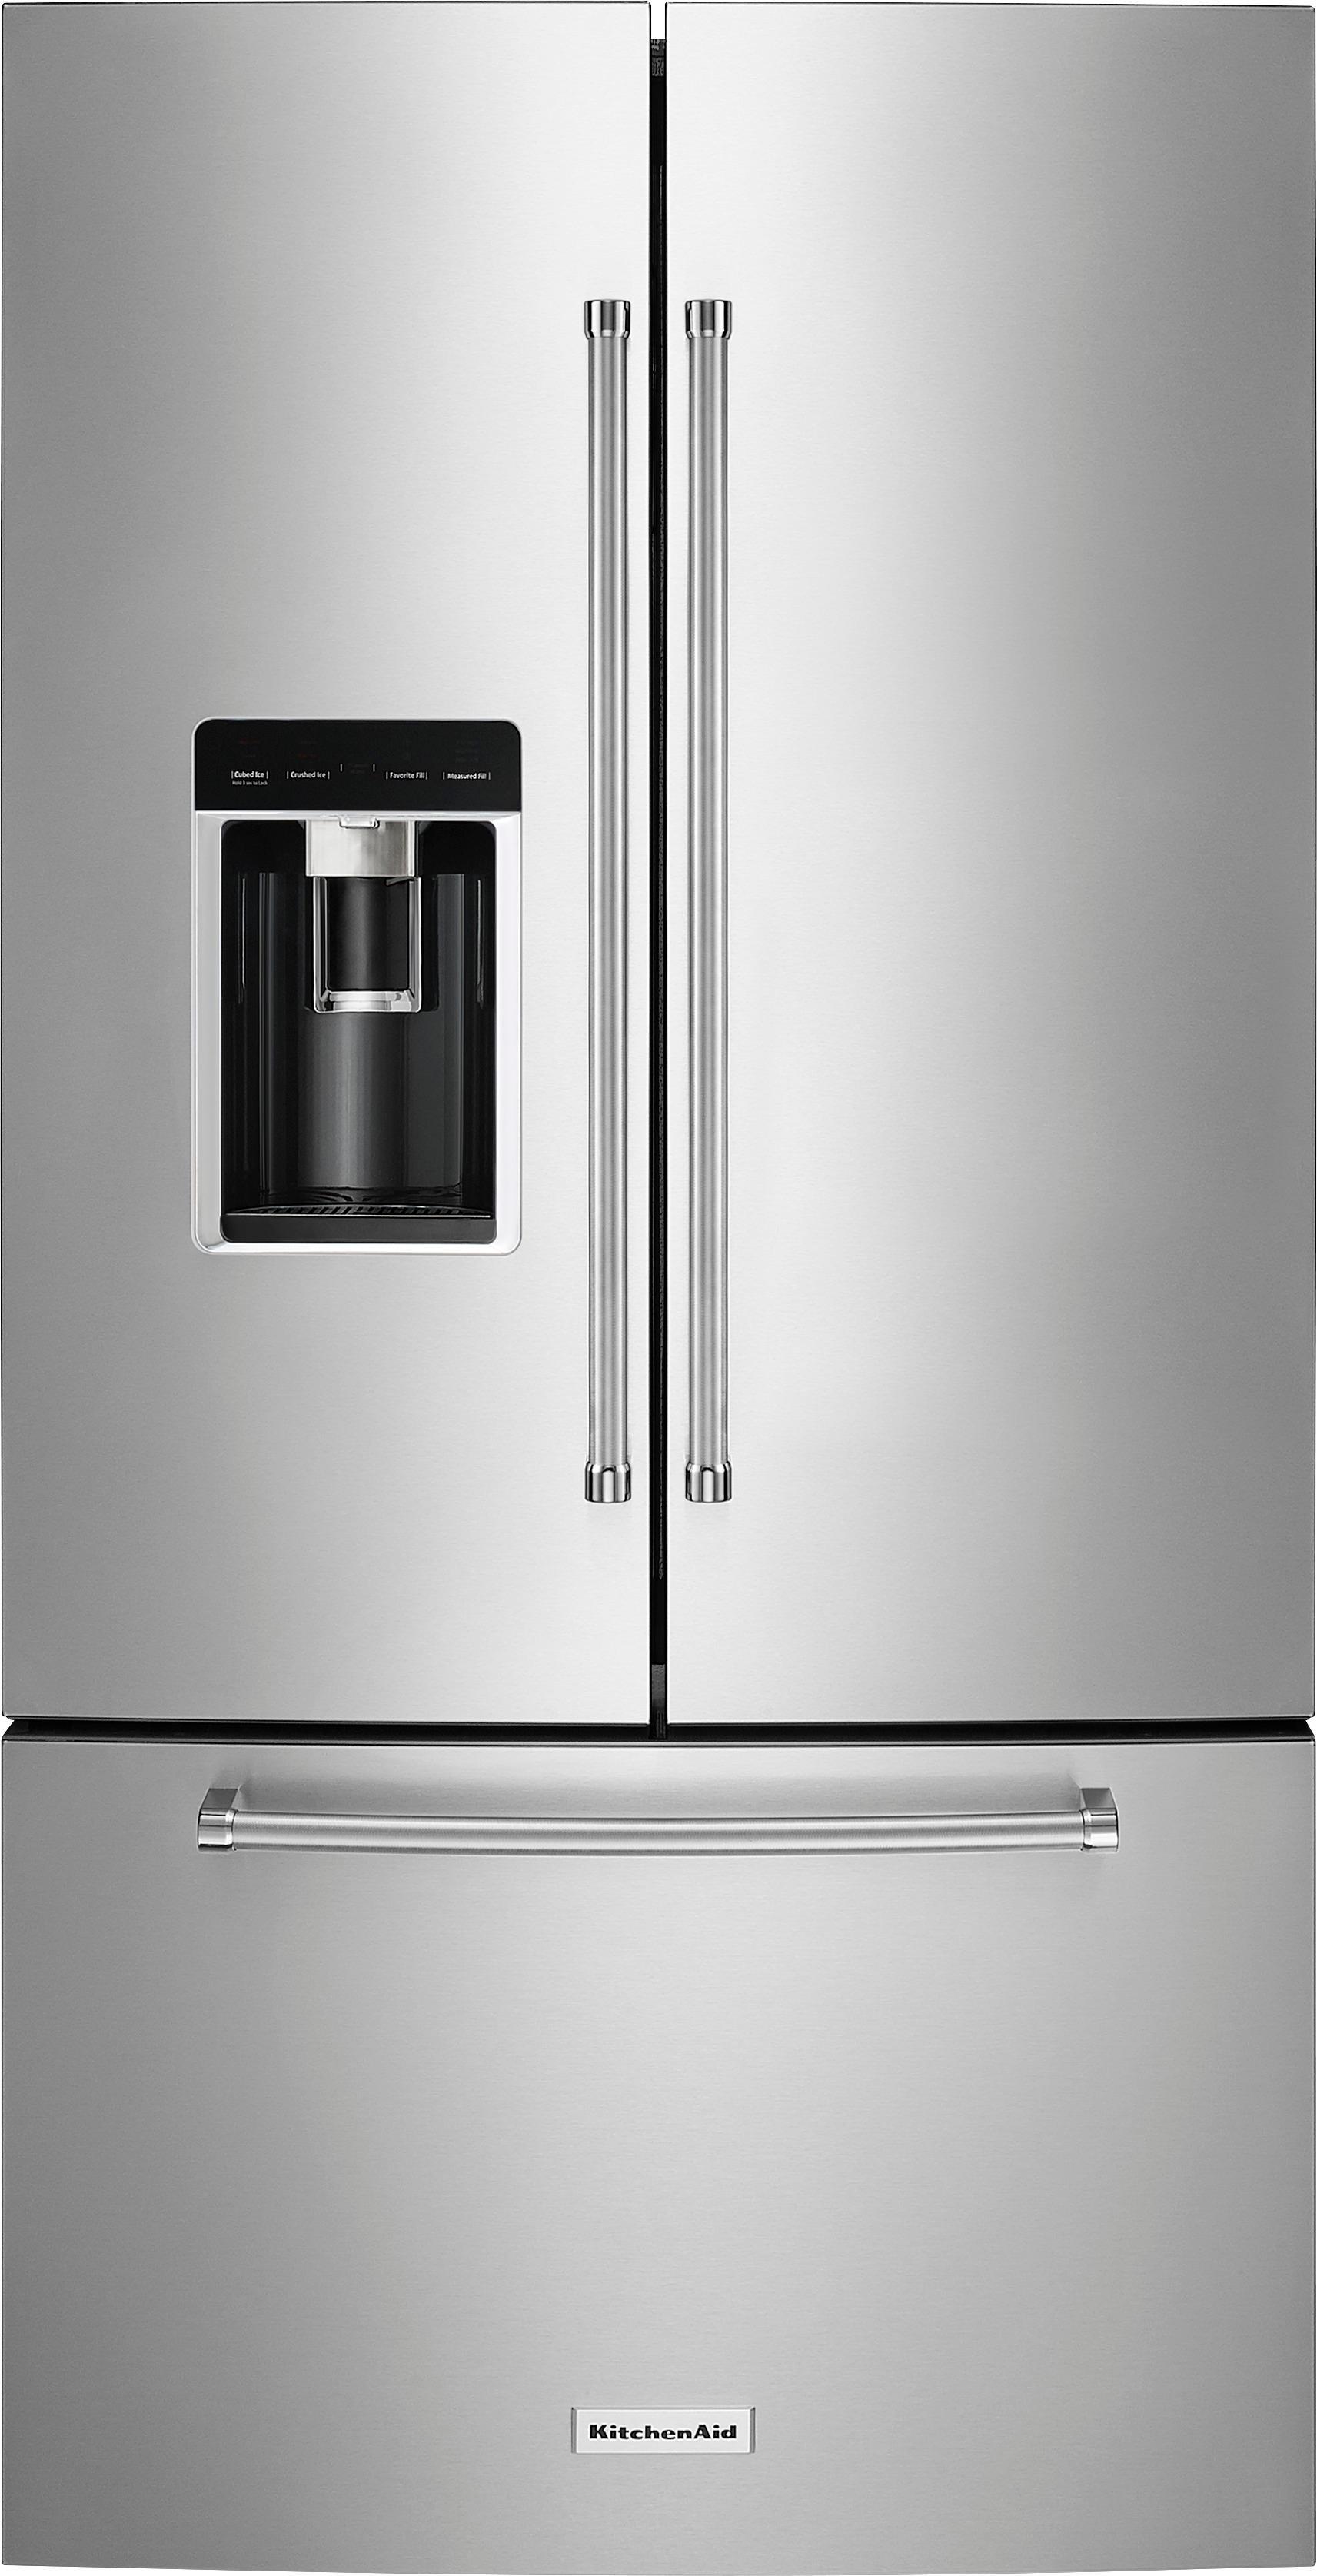 KitchenAid 238 Cu Ft French Door Counter Depth Refrigerator PrintShield Stainless KRFC704FPS